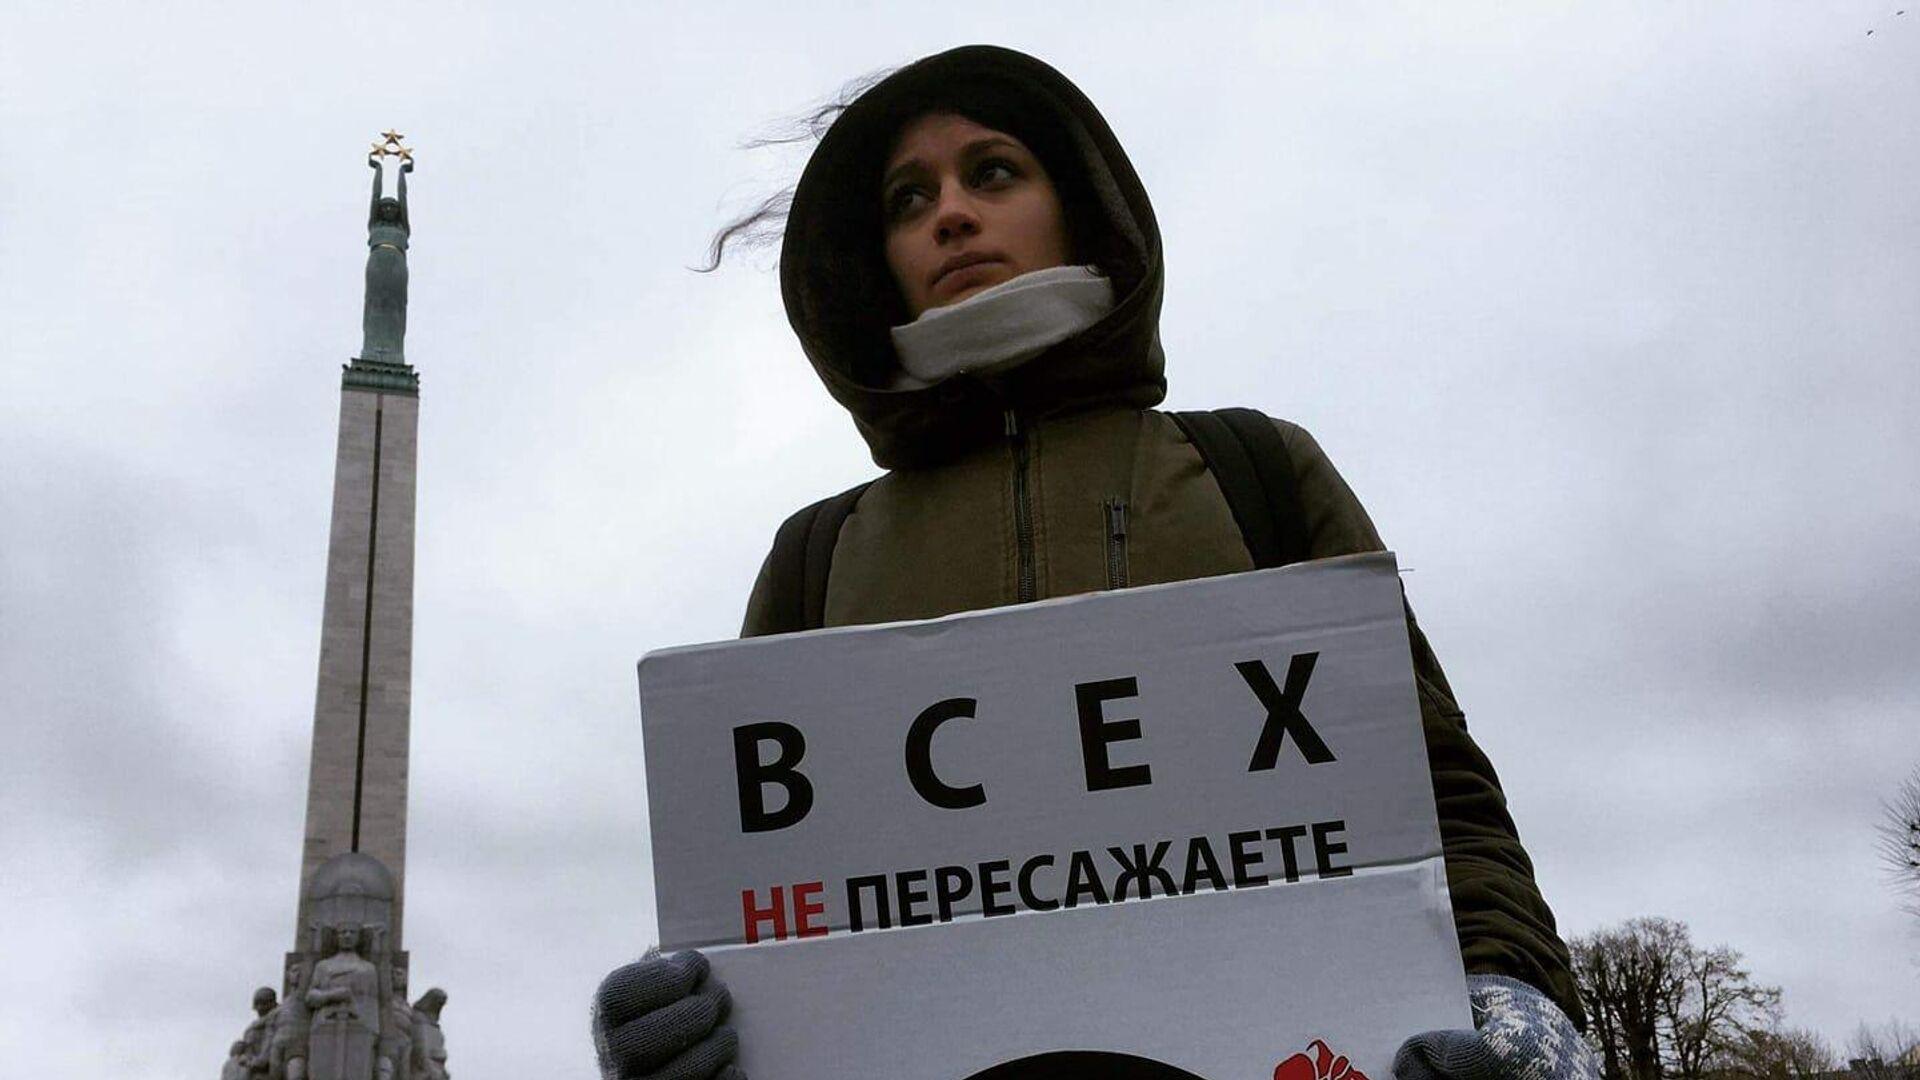 Участница пикета в поддержку российских журналистов в центре Риги - РИА Новости, 1920, 04.12.2020